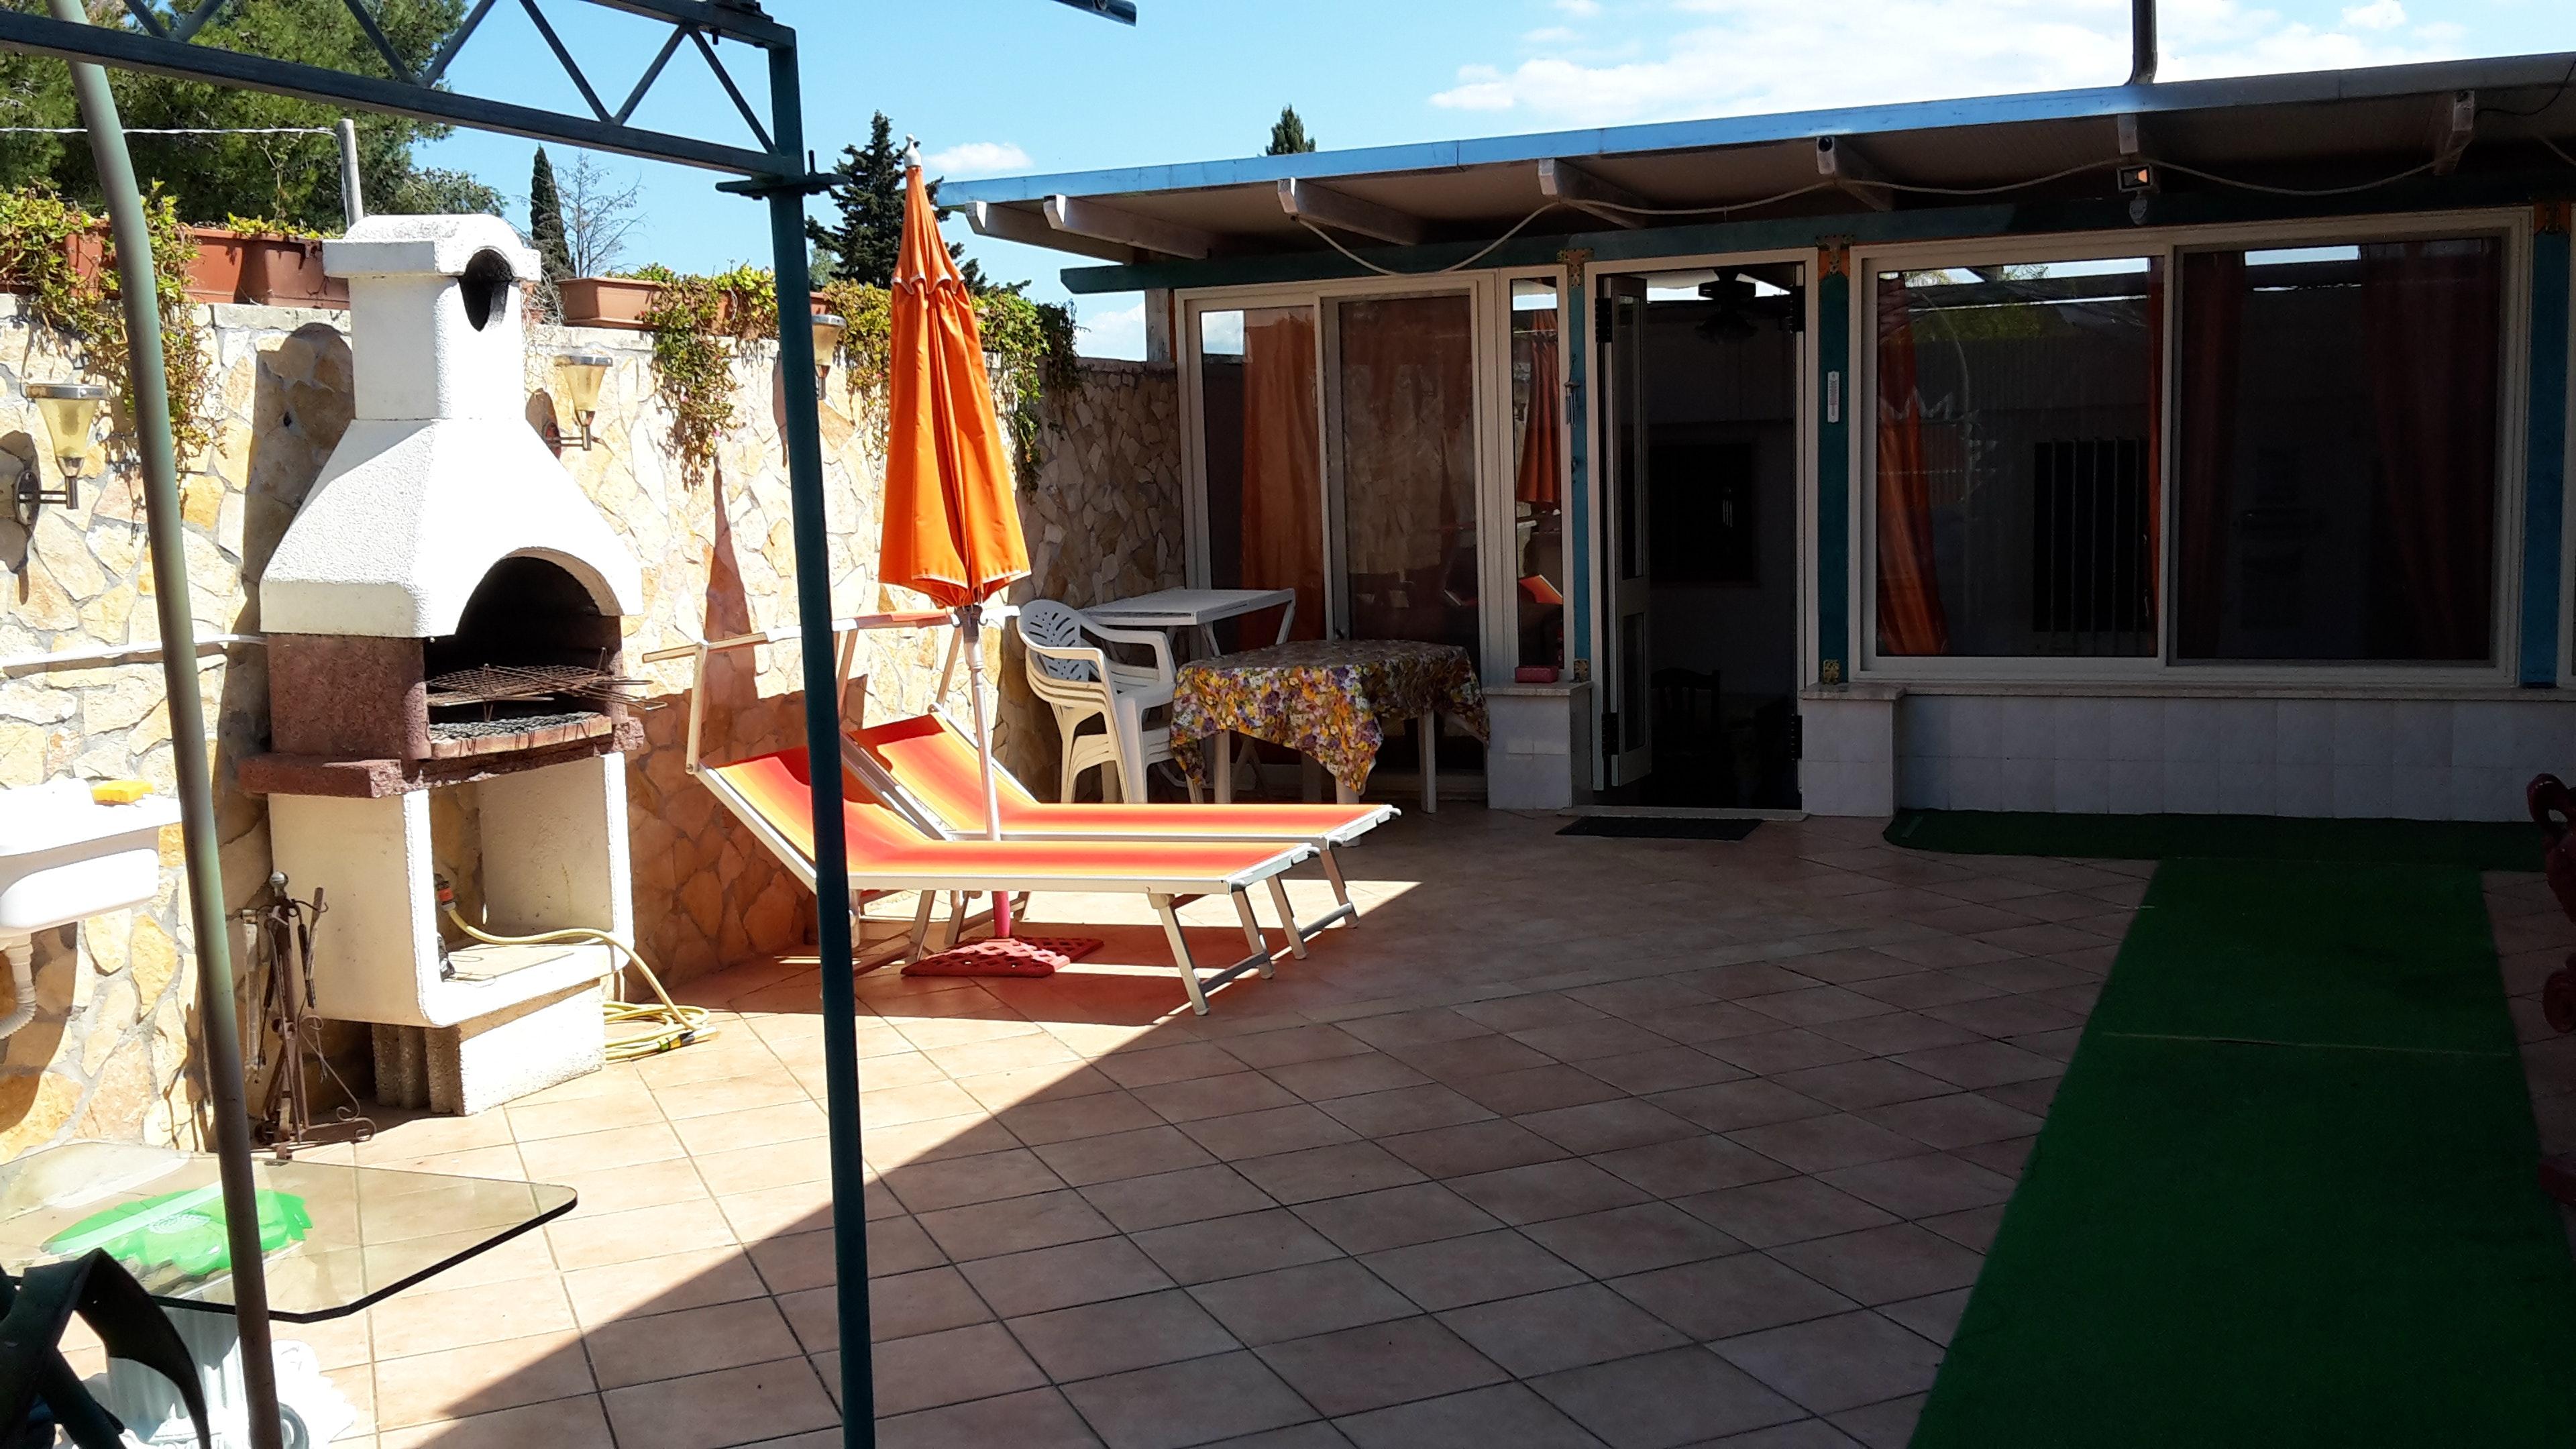 Ferienhaus Haus mit 2 Schlafzimmern in Porto Cesareo (Lecce) mit Pool, möbliertem Garten und W-LAN (2201032), Porto Cesareo, Lecce, Apulien, Italien, Bild 7